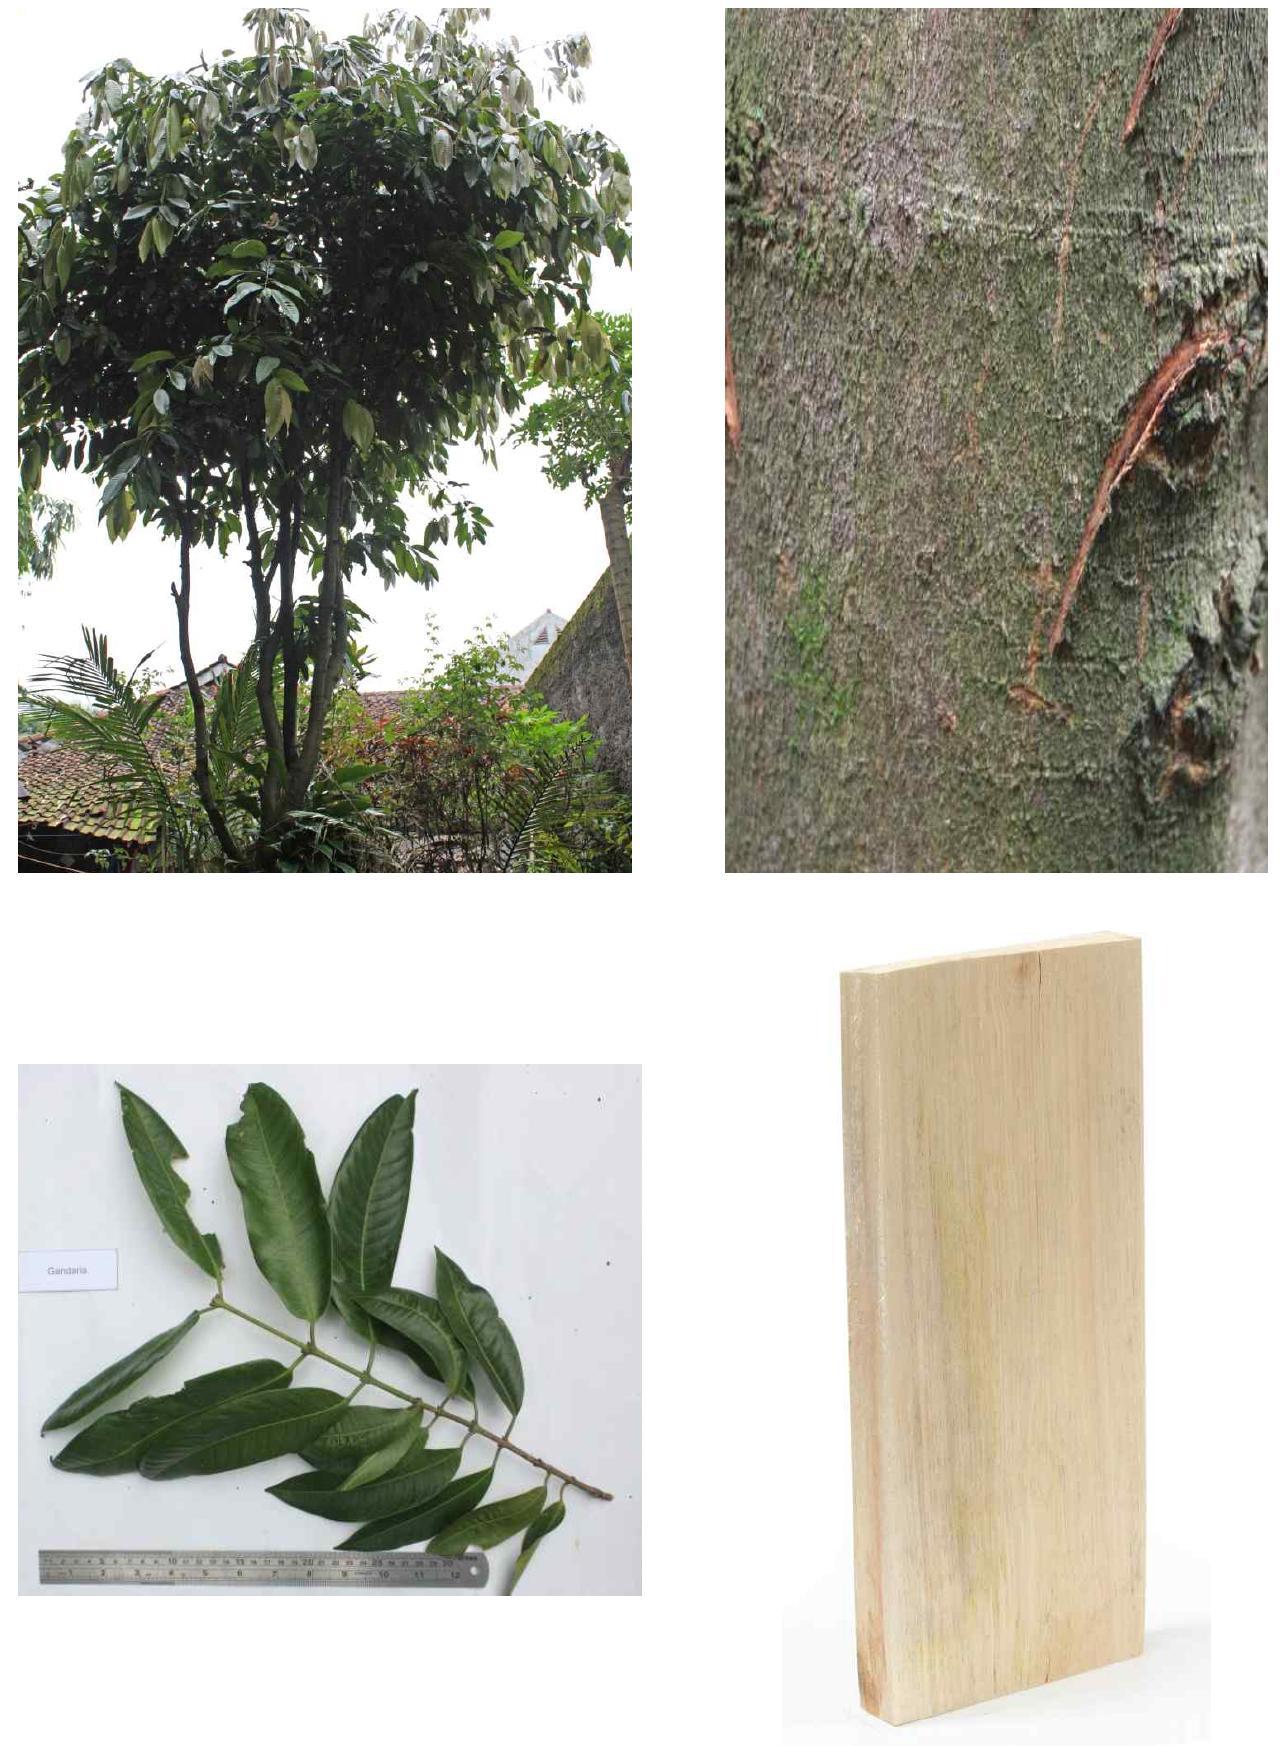 Gandaria의 전체수형, 수피, 잎 및 재면.